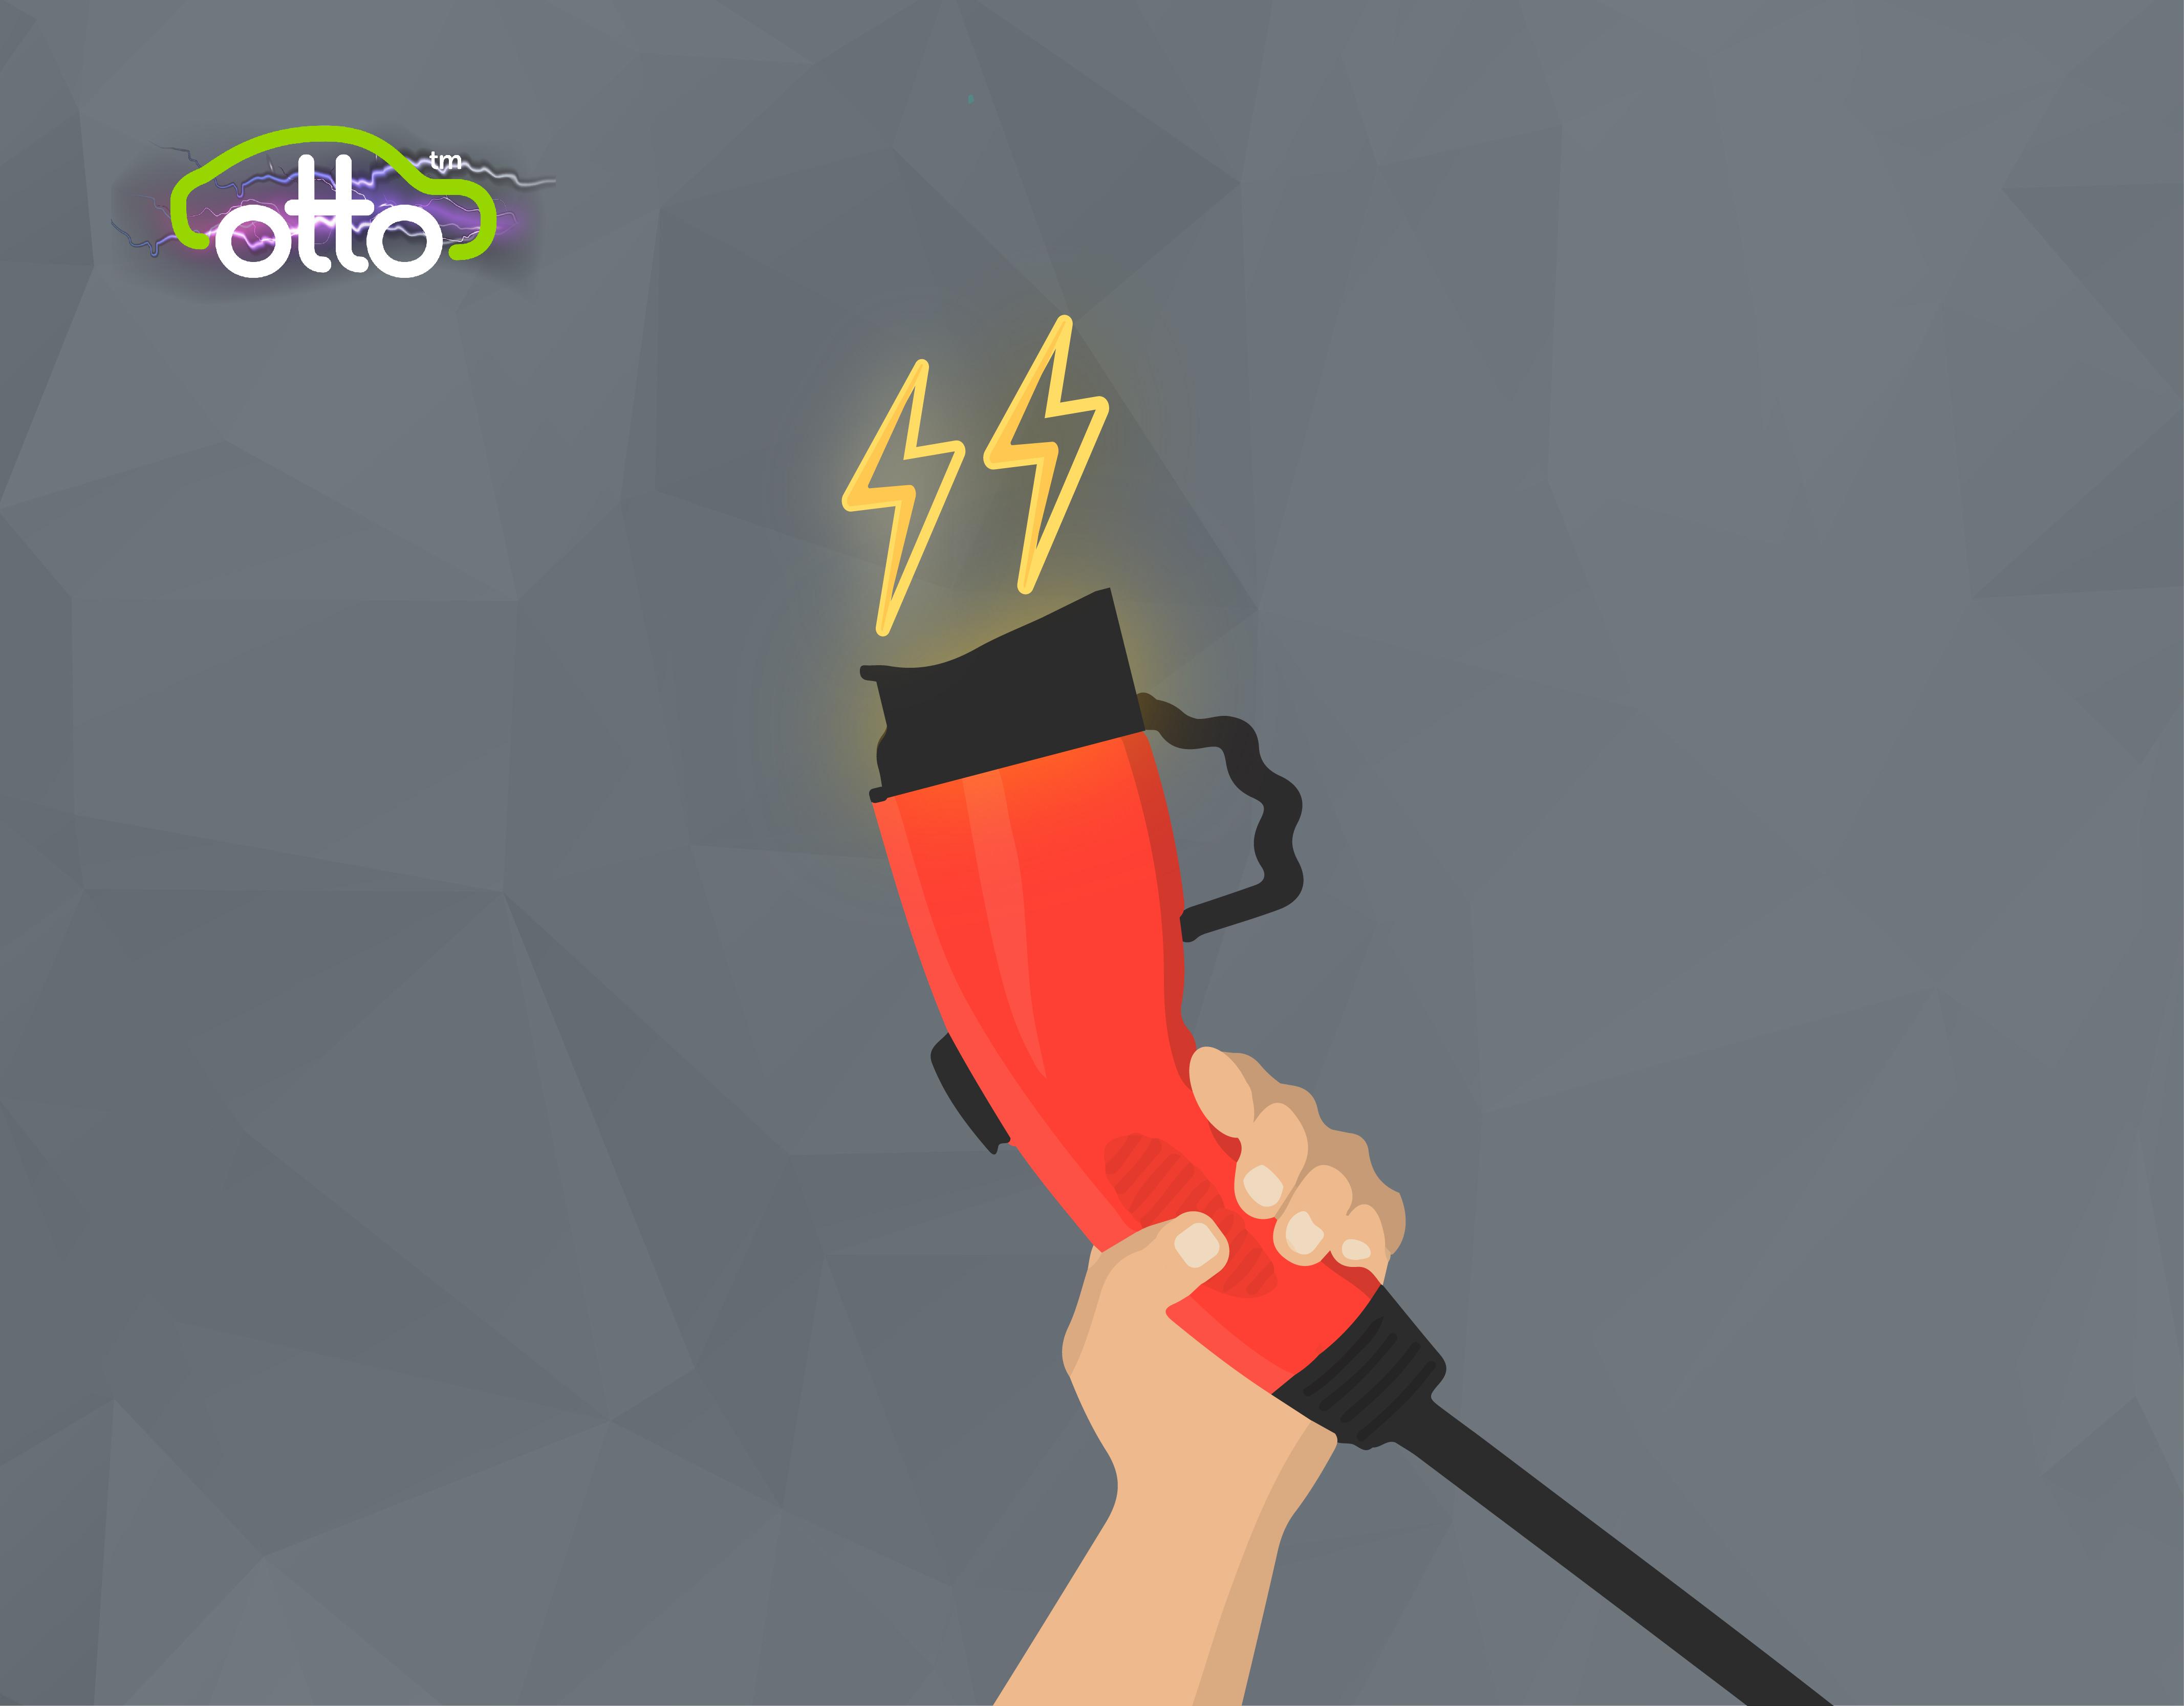 Otto Car PCO Car Rental Company